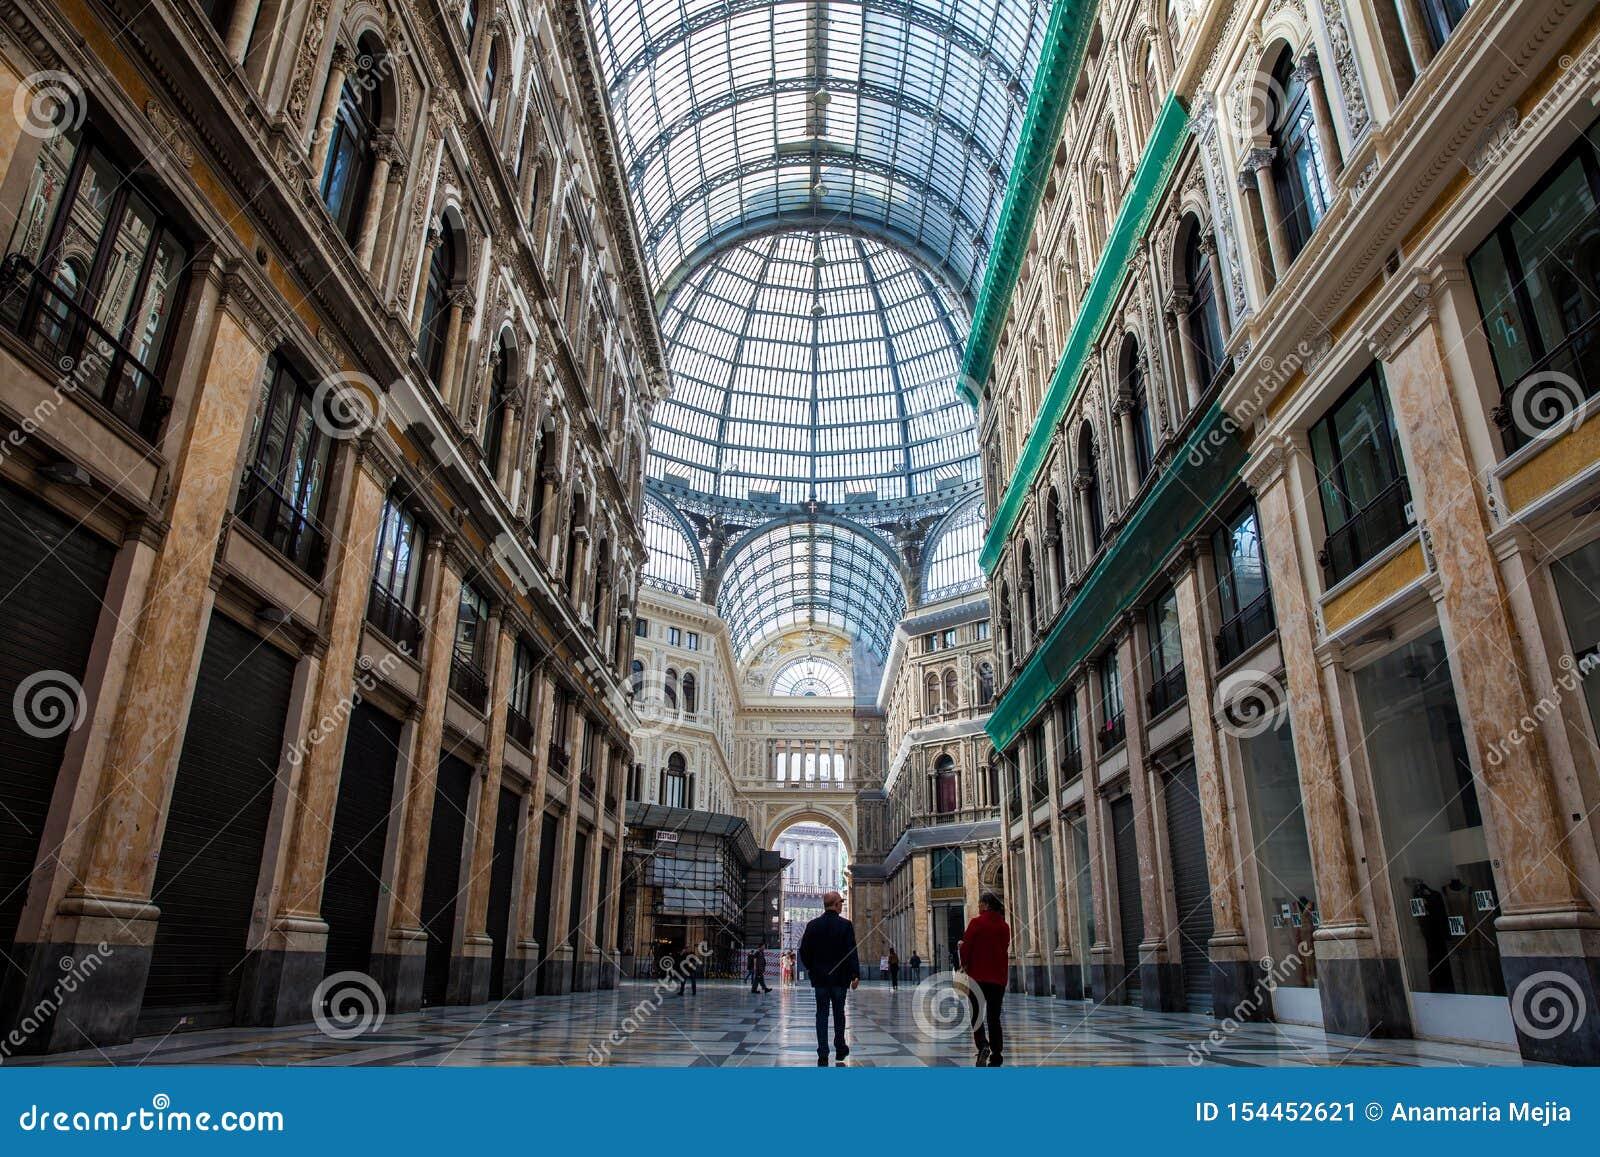 Galleria Umberto io una galleria di compera pubblica a Napoli